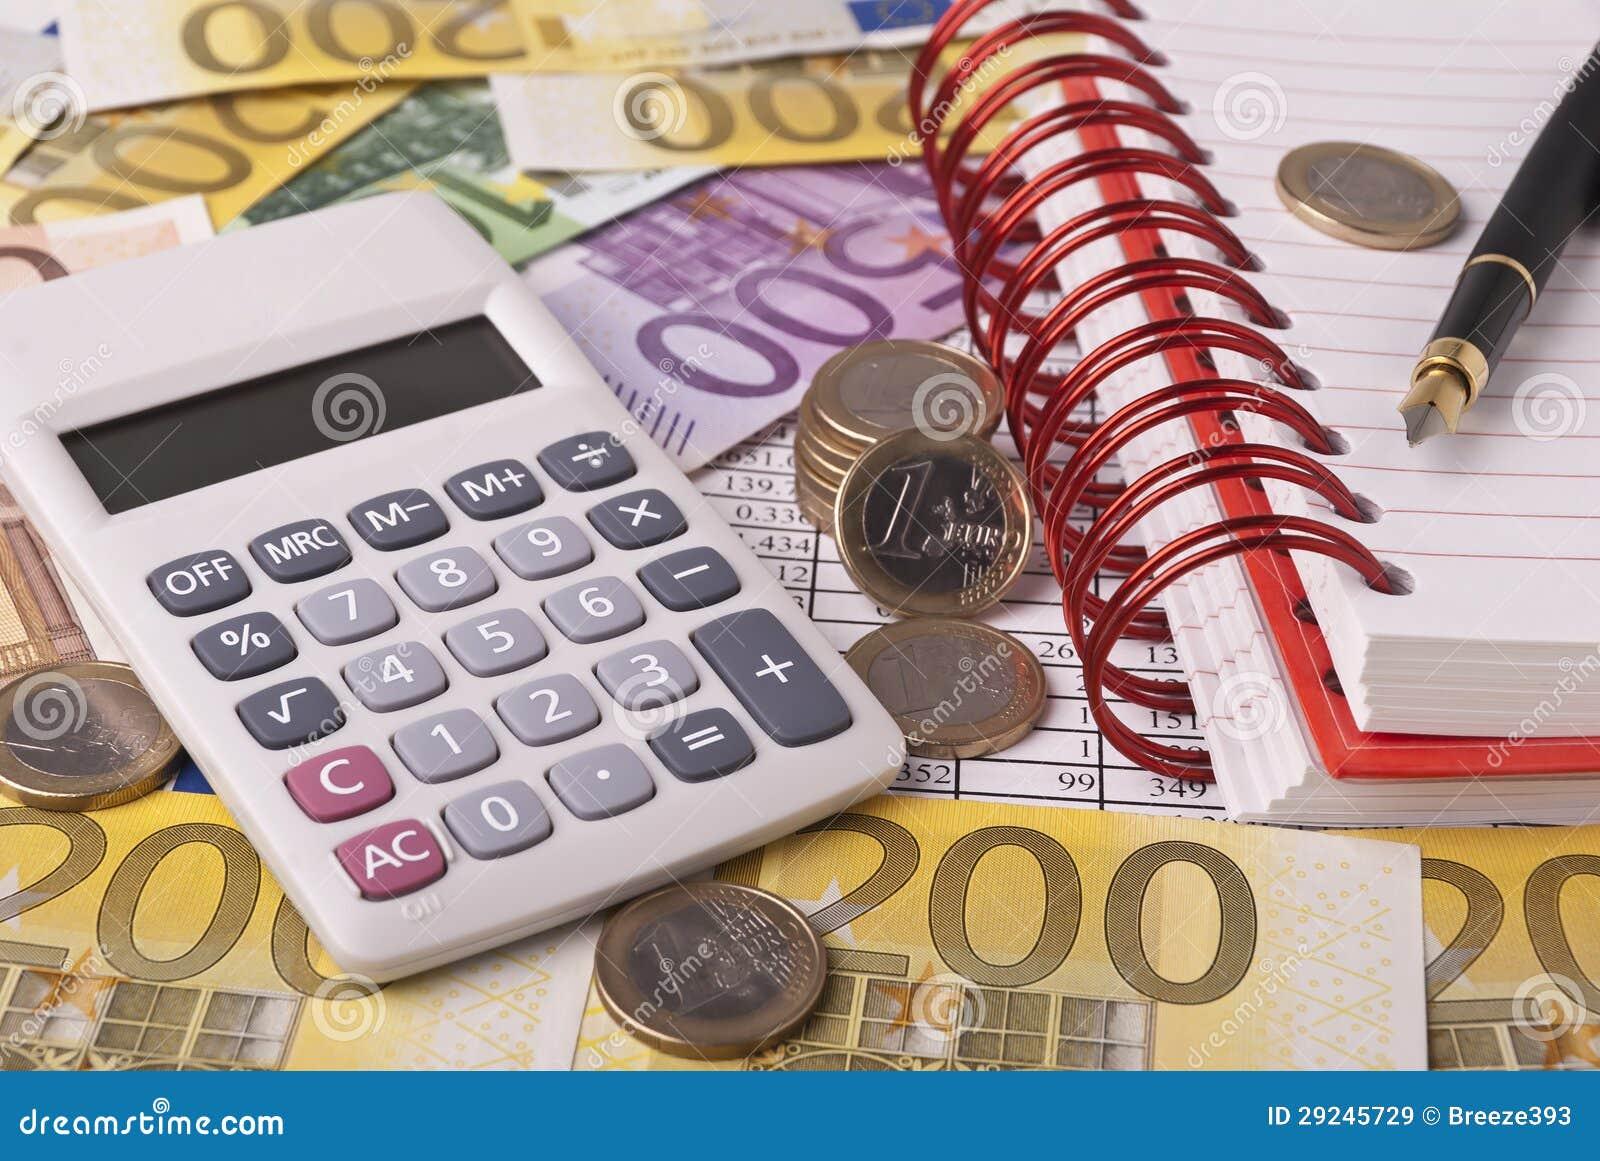 Download Dinheiro e calculadora imagem de stock. Imagem de currency - 29245729